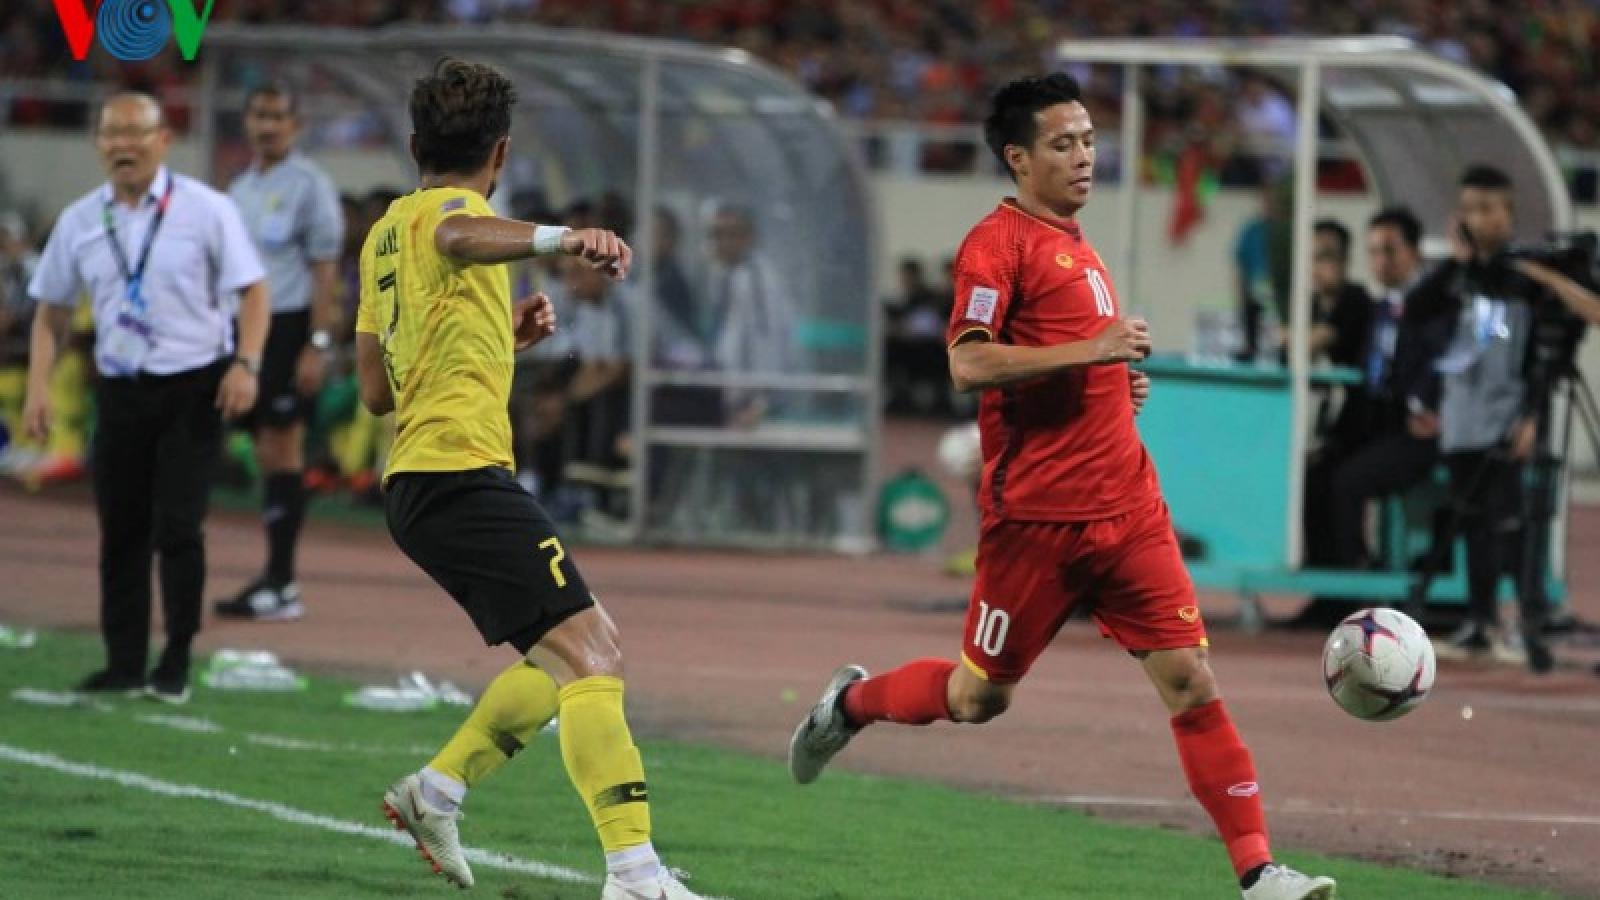 HLV Park Hang Seo giải thích lý do gọi Văn Quyết trở lại ĐT Việt Nam